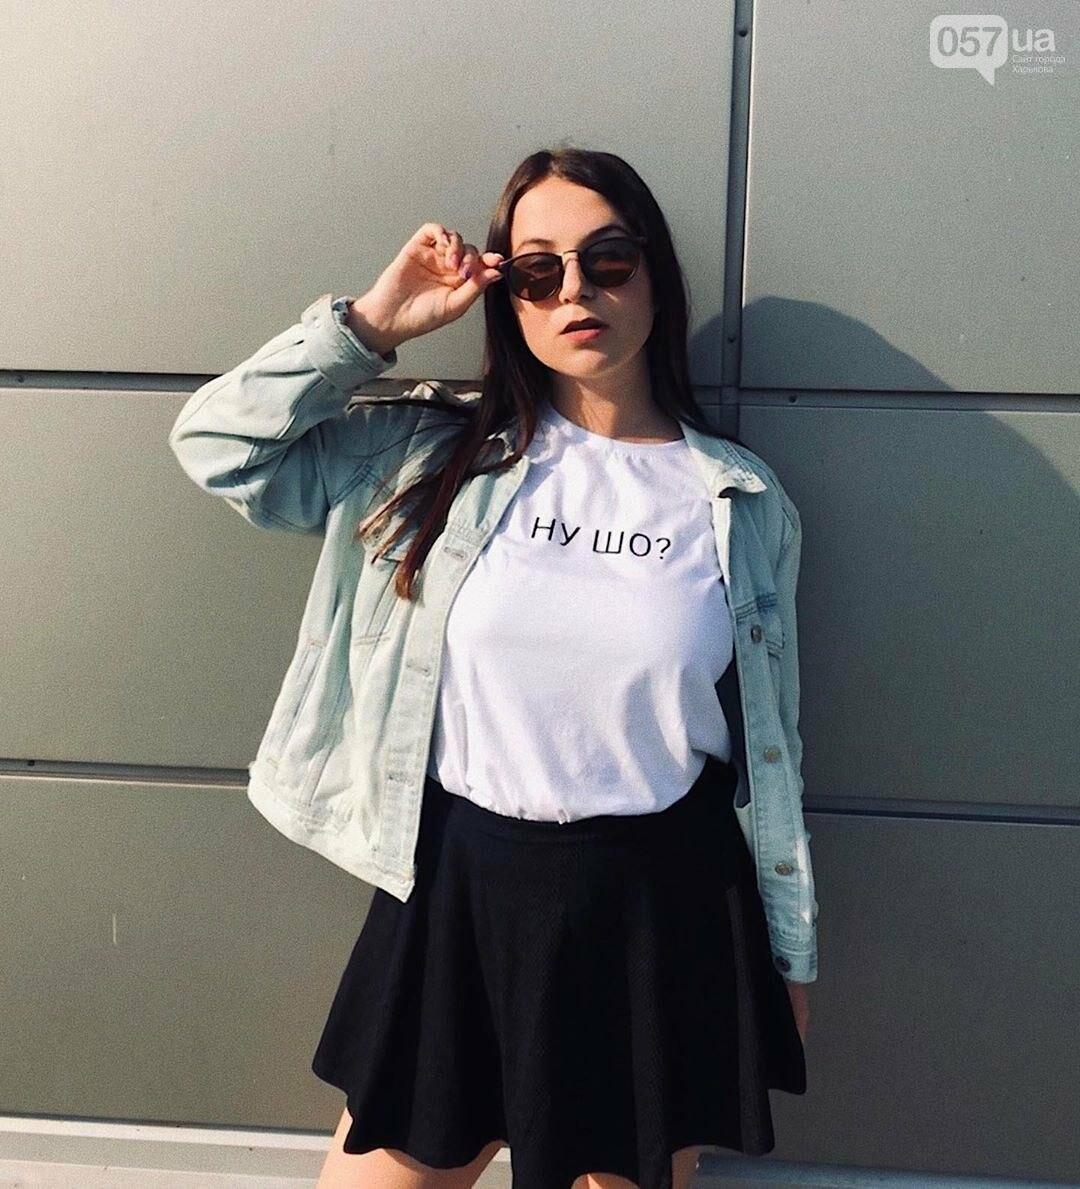 Конструктор футболок — оригинальный способ выделиться, фото-1